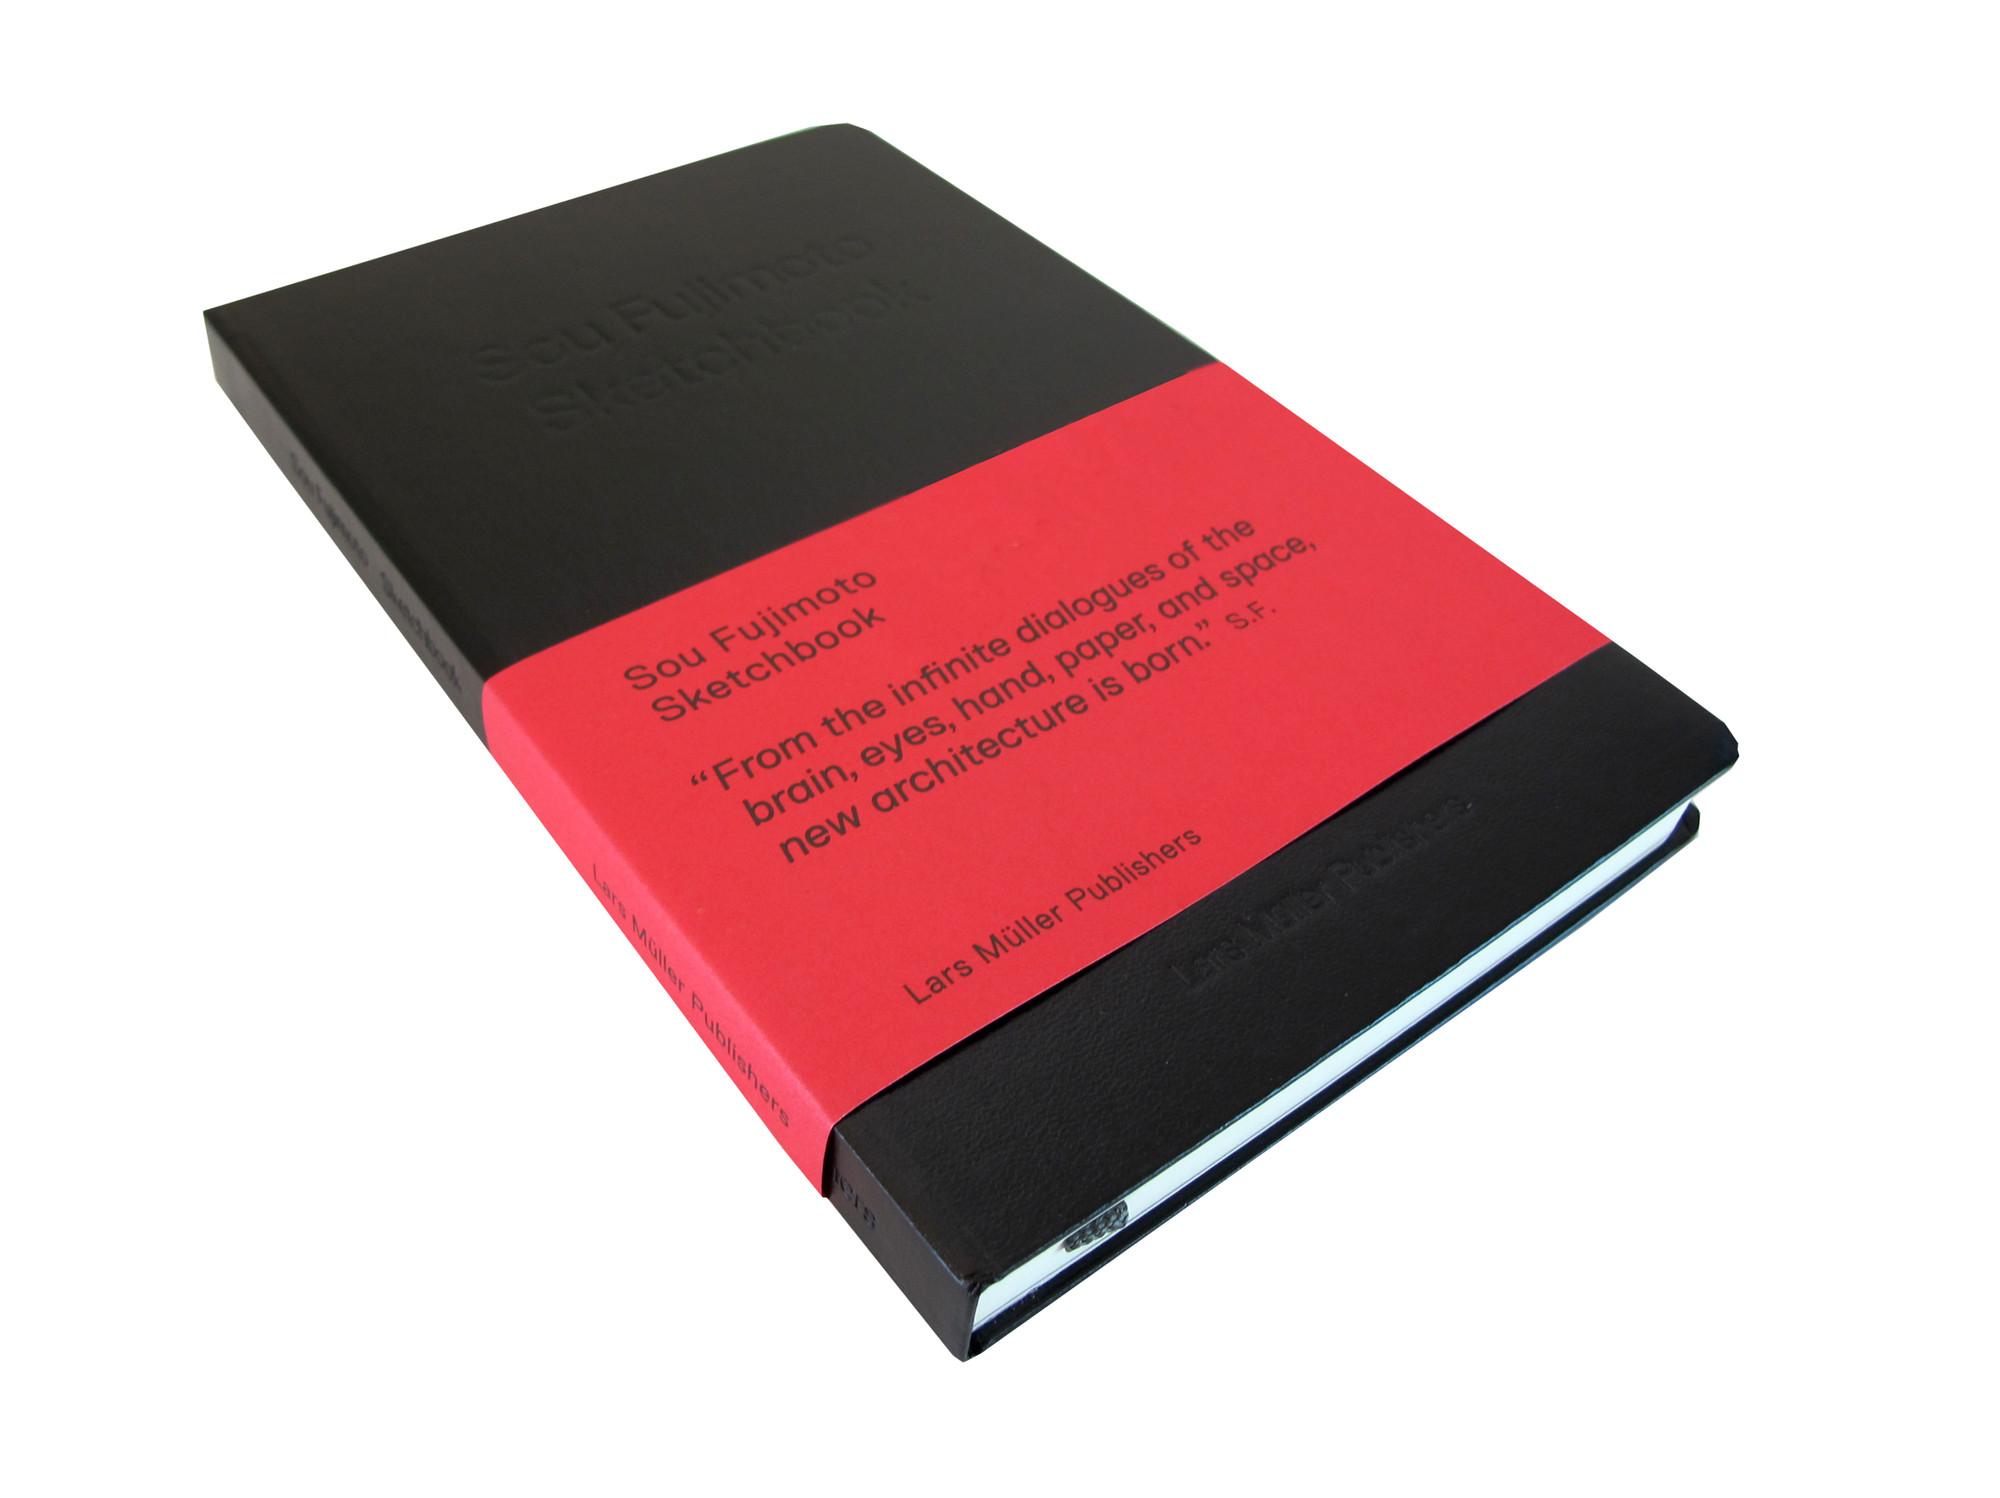 Sou Fujimoto: Sketchbook, Courtesy of Lars Müller Publishers